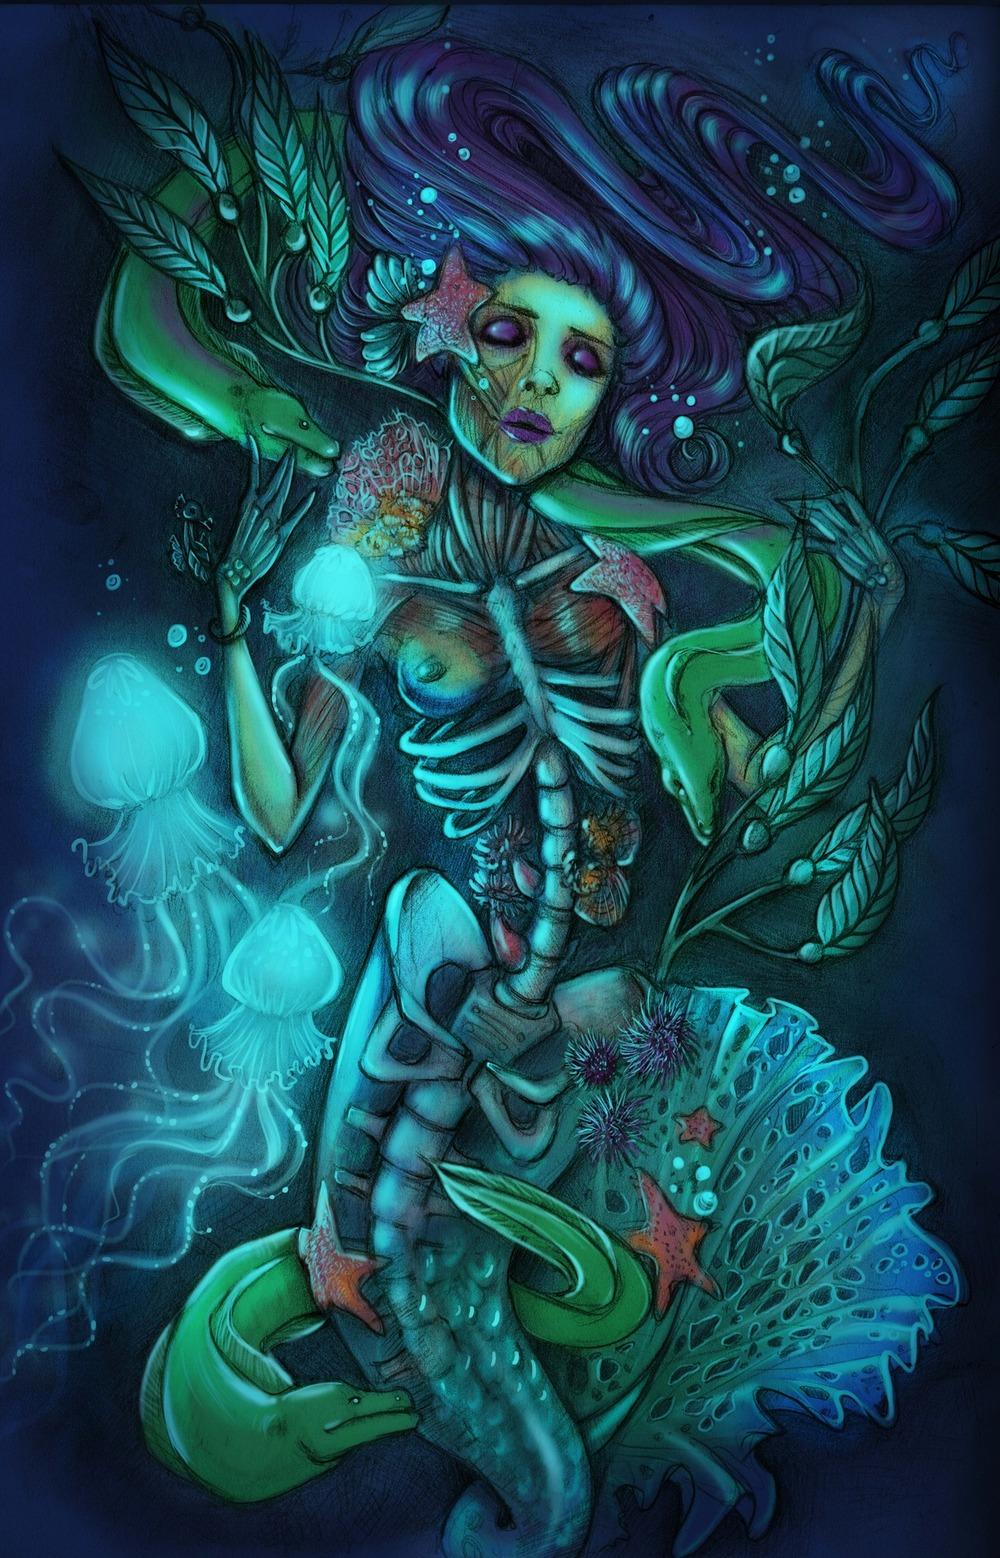 siren-mermaid-underwater-illustration